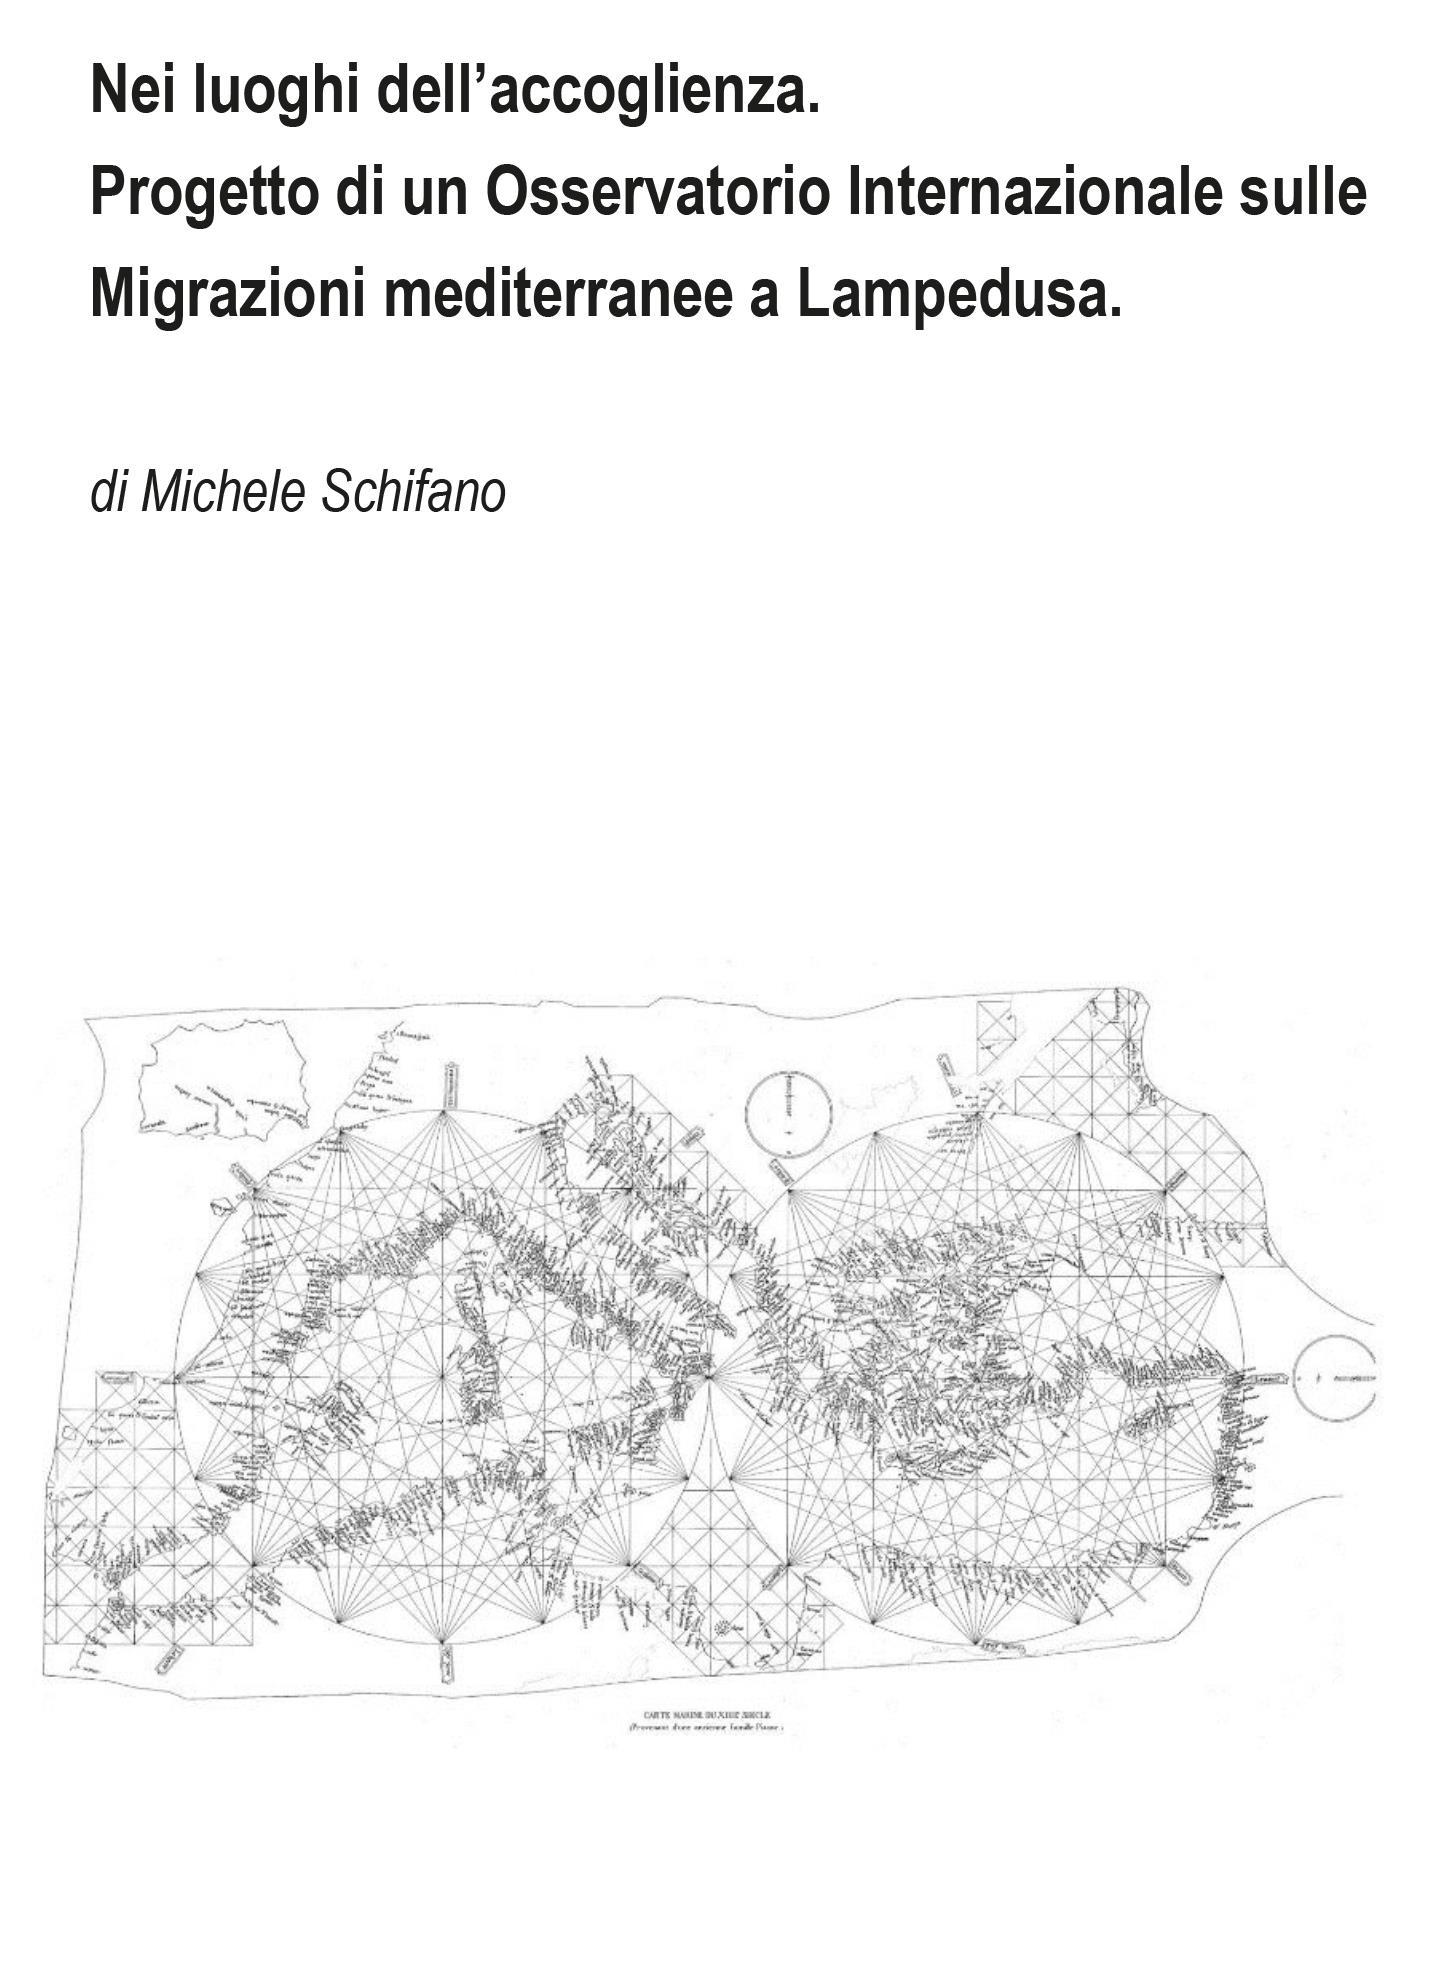 Nei luoghi dell'accoglienza. Progetto di un Osservatorio Internazionale sulle Migrazioni mediterranee a Lampedusa